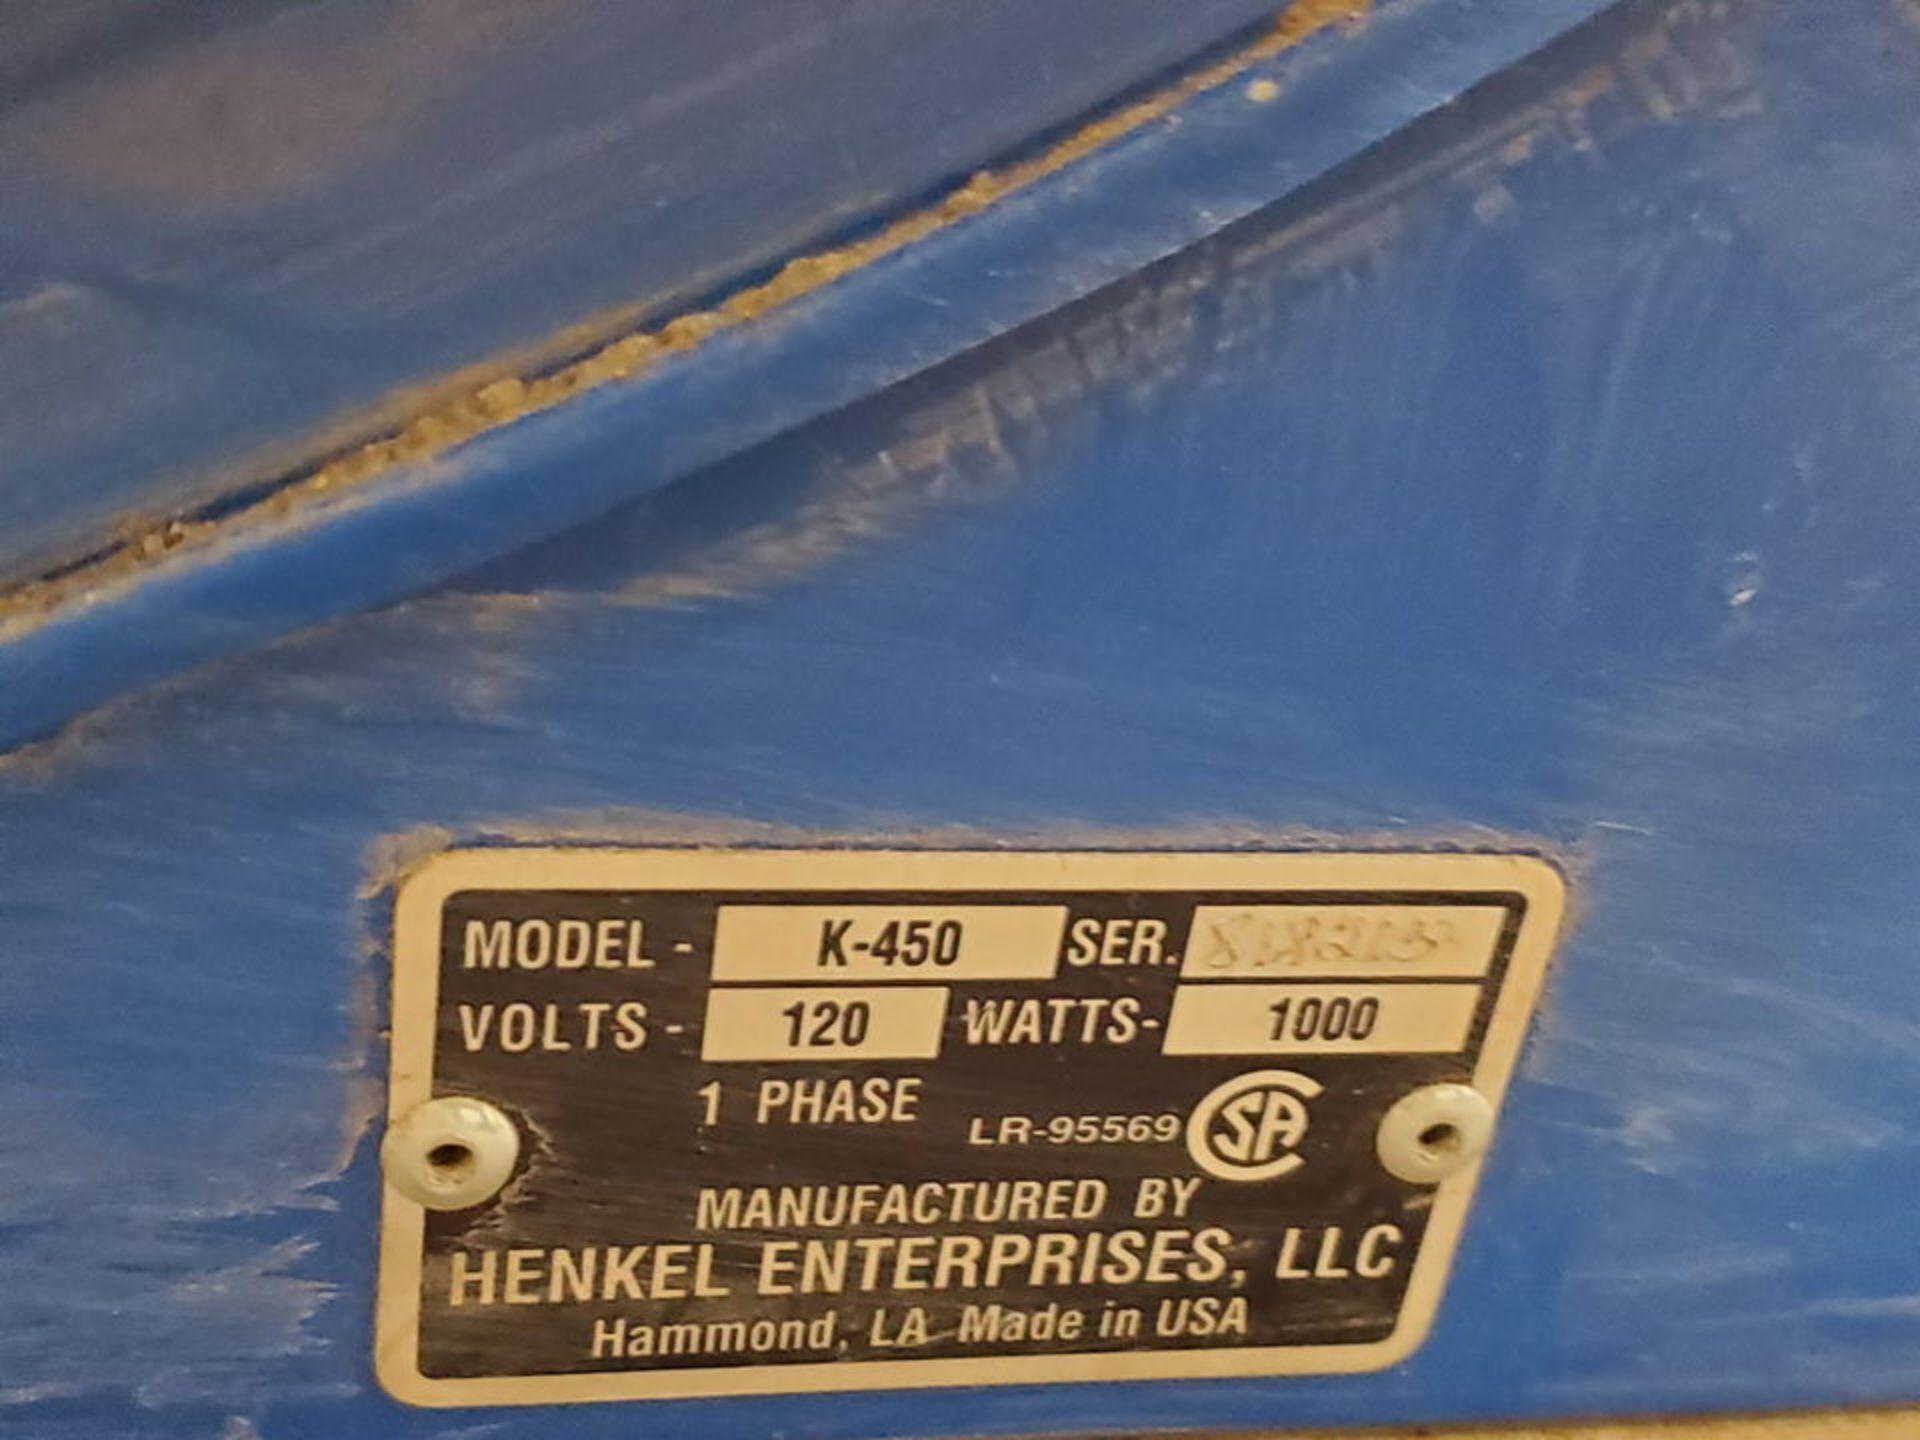 Henkel K-450 Dry Rod Oven 120V, 1,000W, 1PH - Image 5 of 5